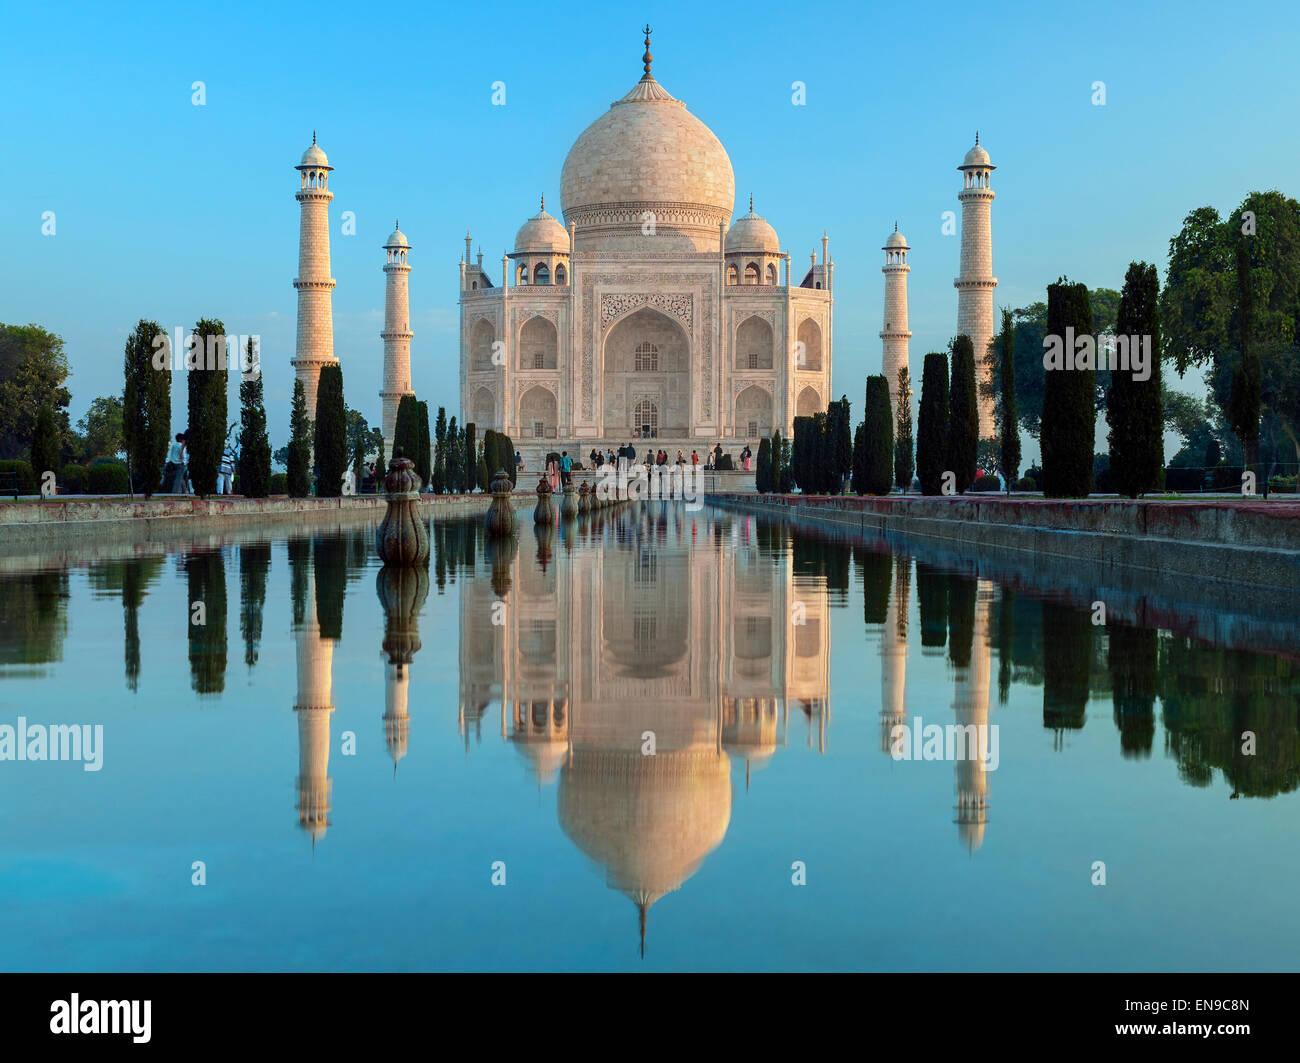 Das Taj Mahal im Morgengrauen - Mausoleum in Agra in Nordindien Stockbild